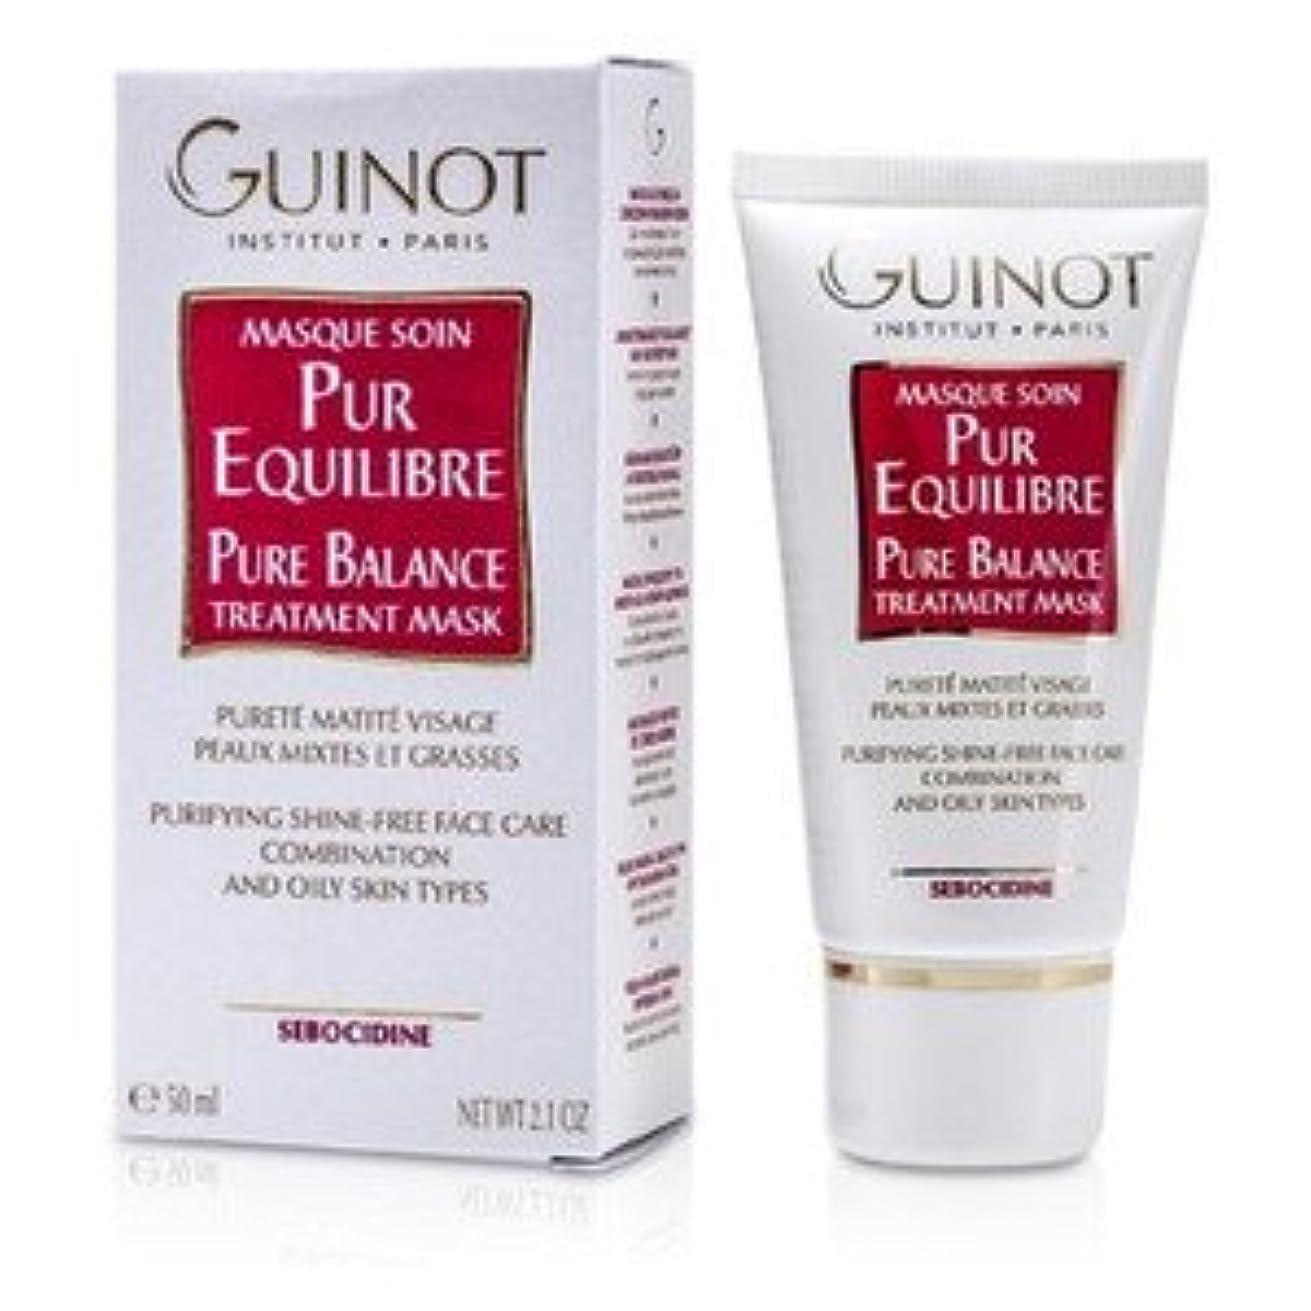 ダイヤルリマ研究所Guinot Pure Balance Mask for C/Oily Skin 50ml/1.7oz [並行輸入品]